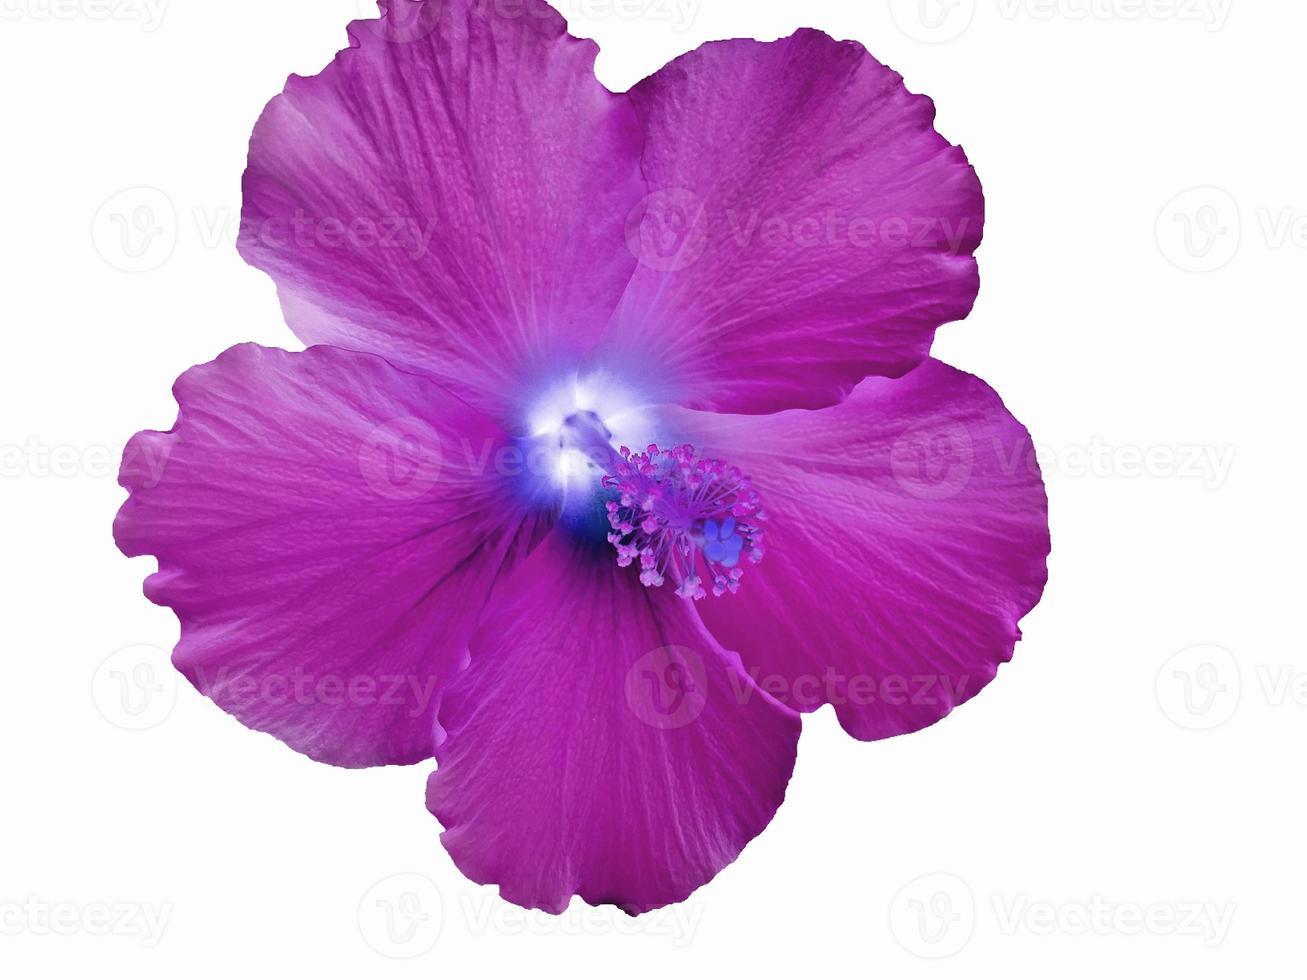 färgstark magenta hawaiiansk hibiskusblomma foto